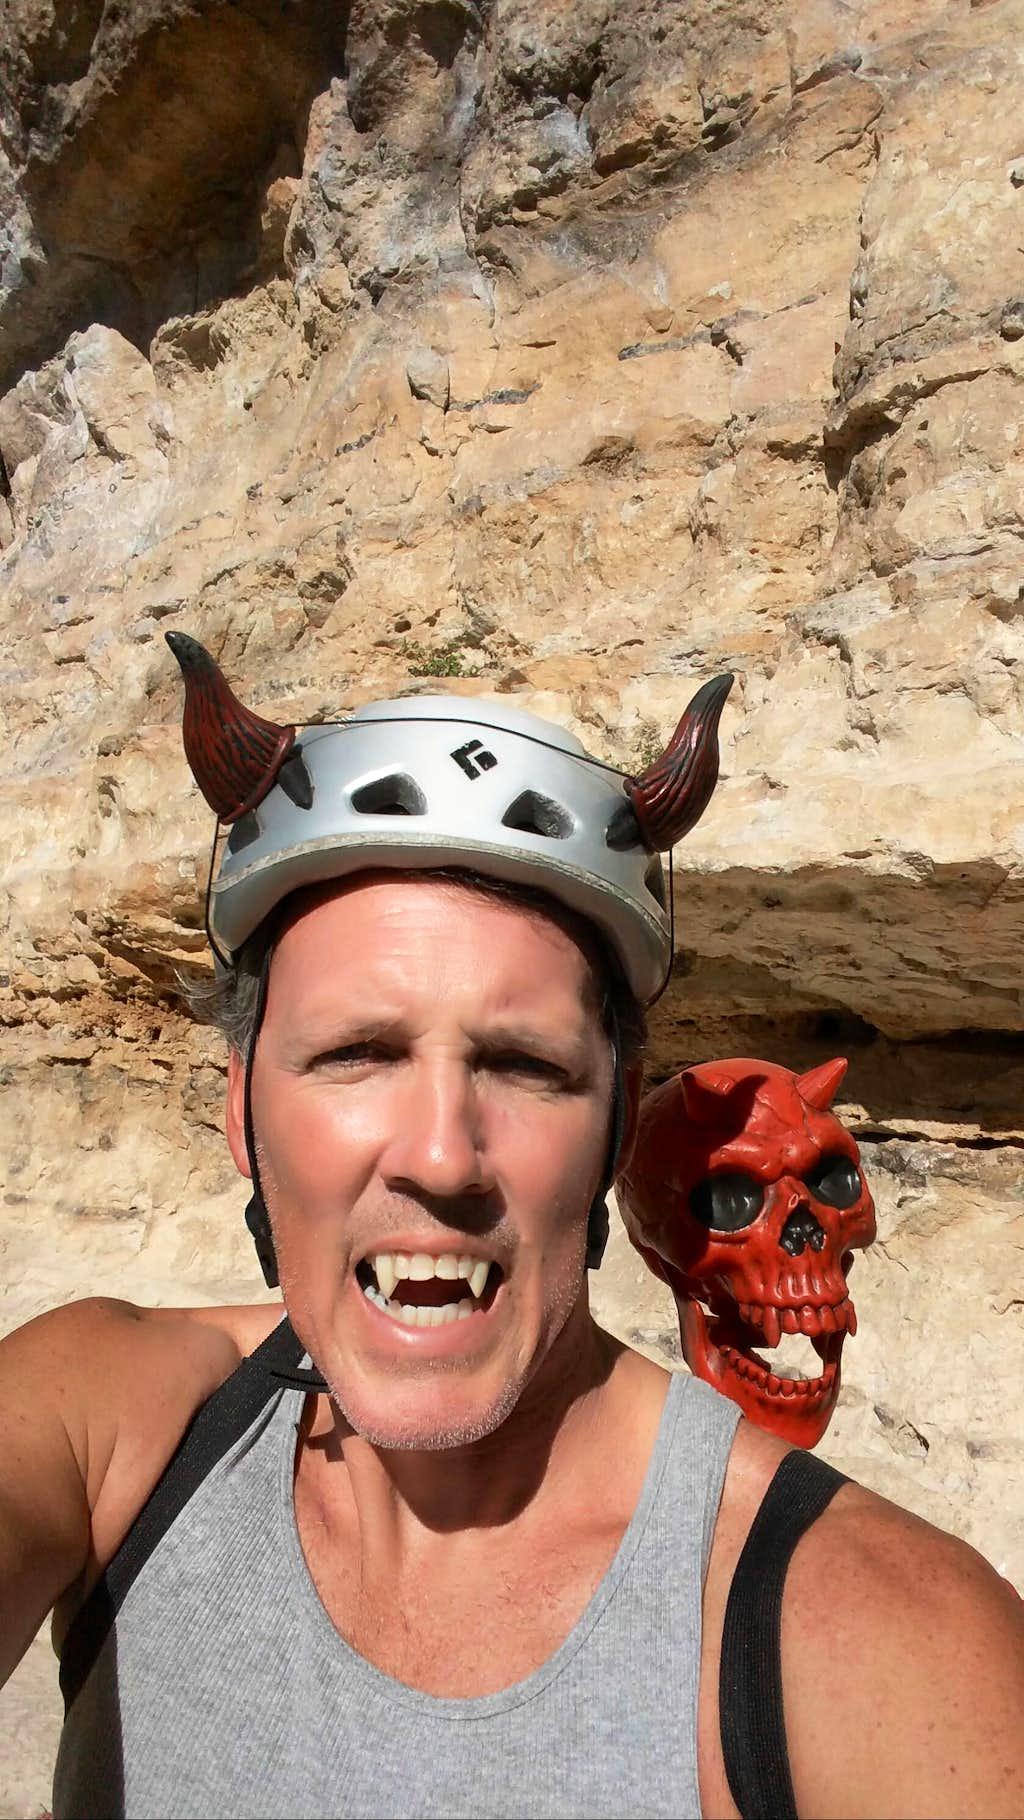 Climbing on Halloween